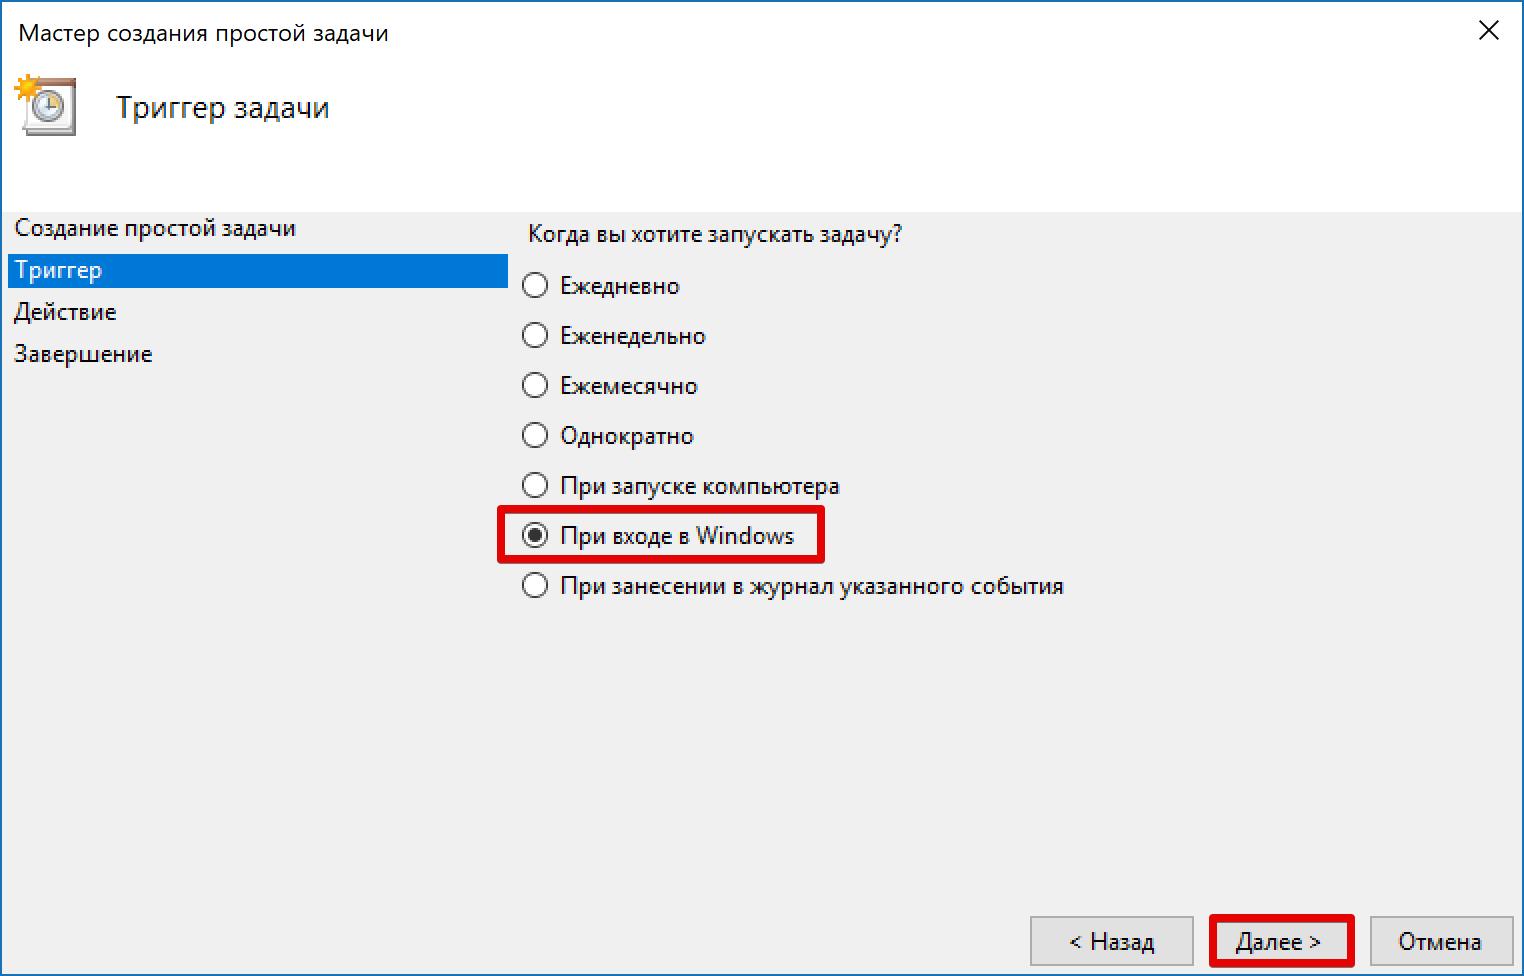 nastrojka-avtozapuska-programm-v-windows-image18.png